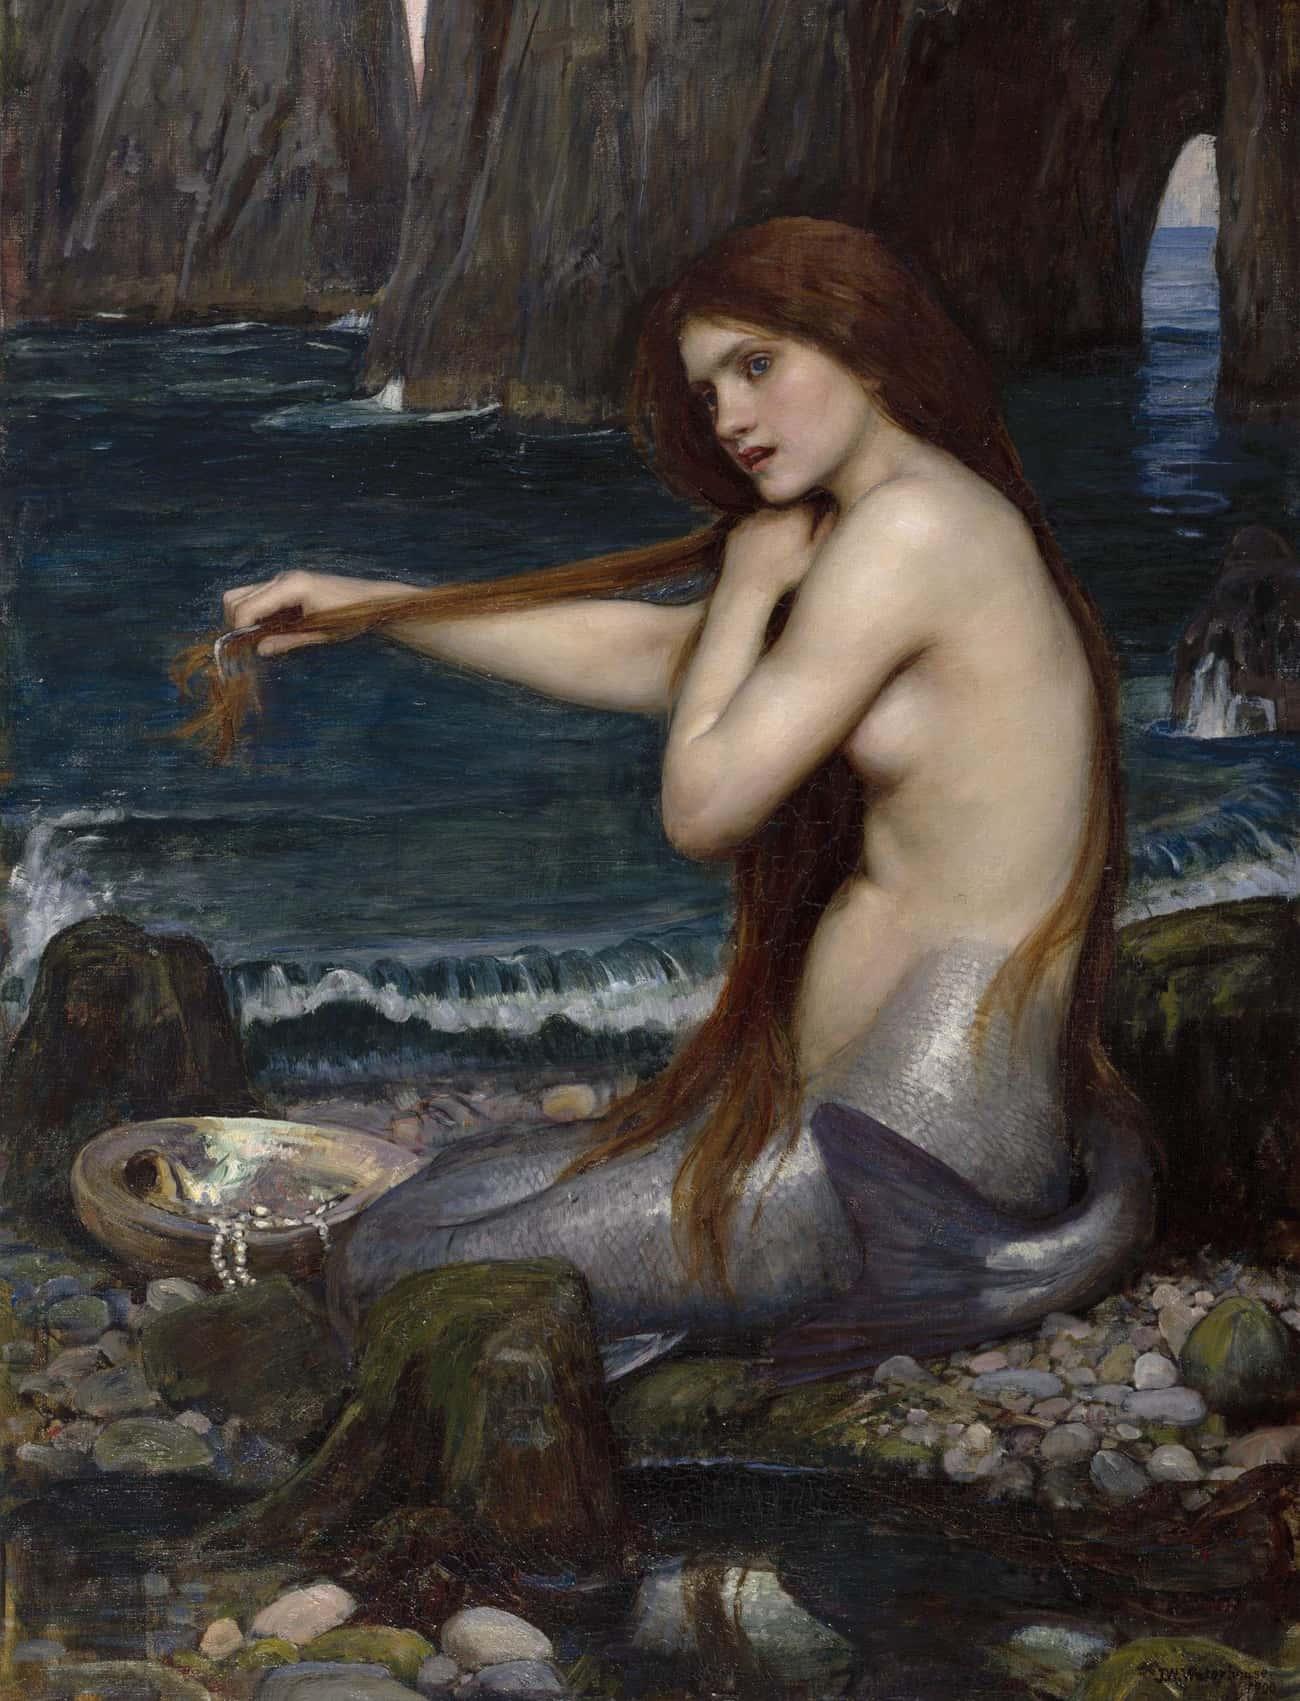 Eat A Mermaid